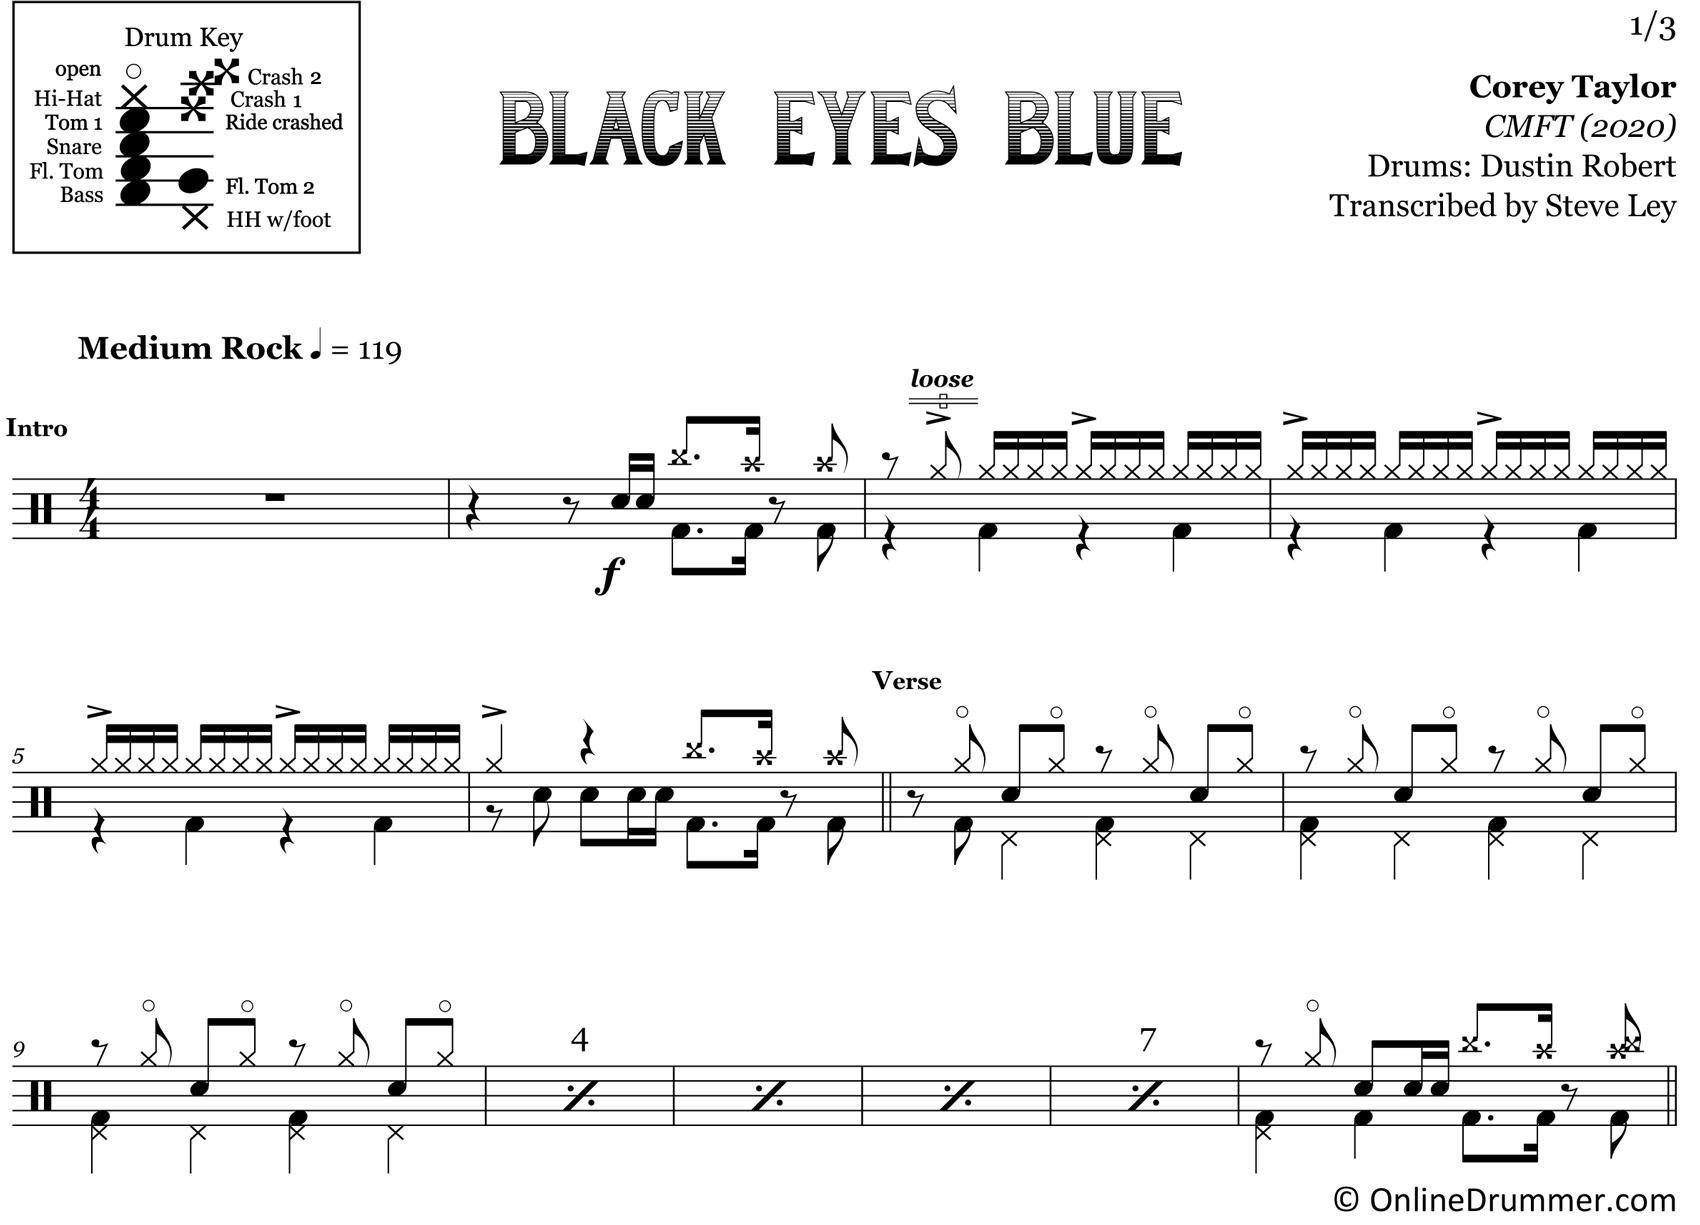 Black Eyes Blue - Corey Taylor - Drum Sheet Music